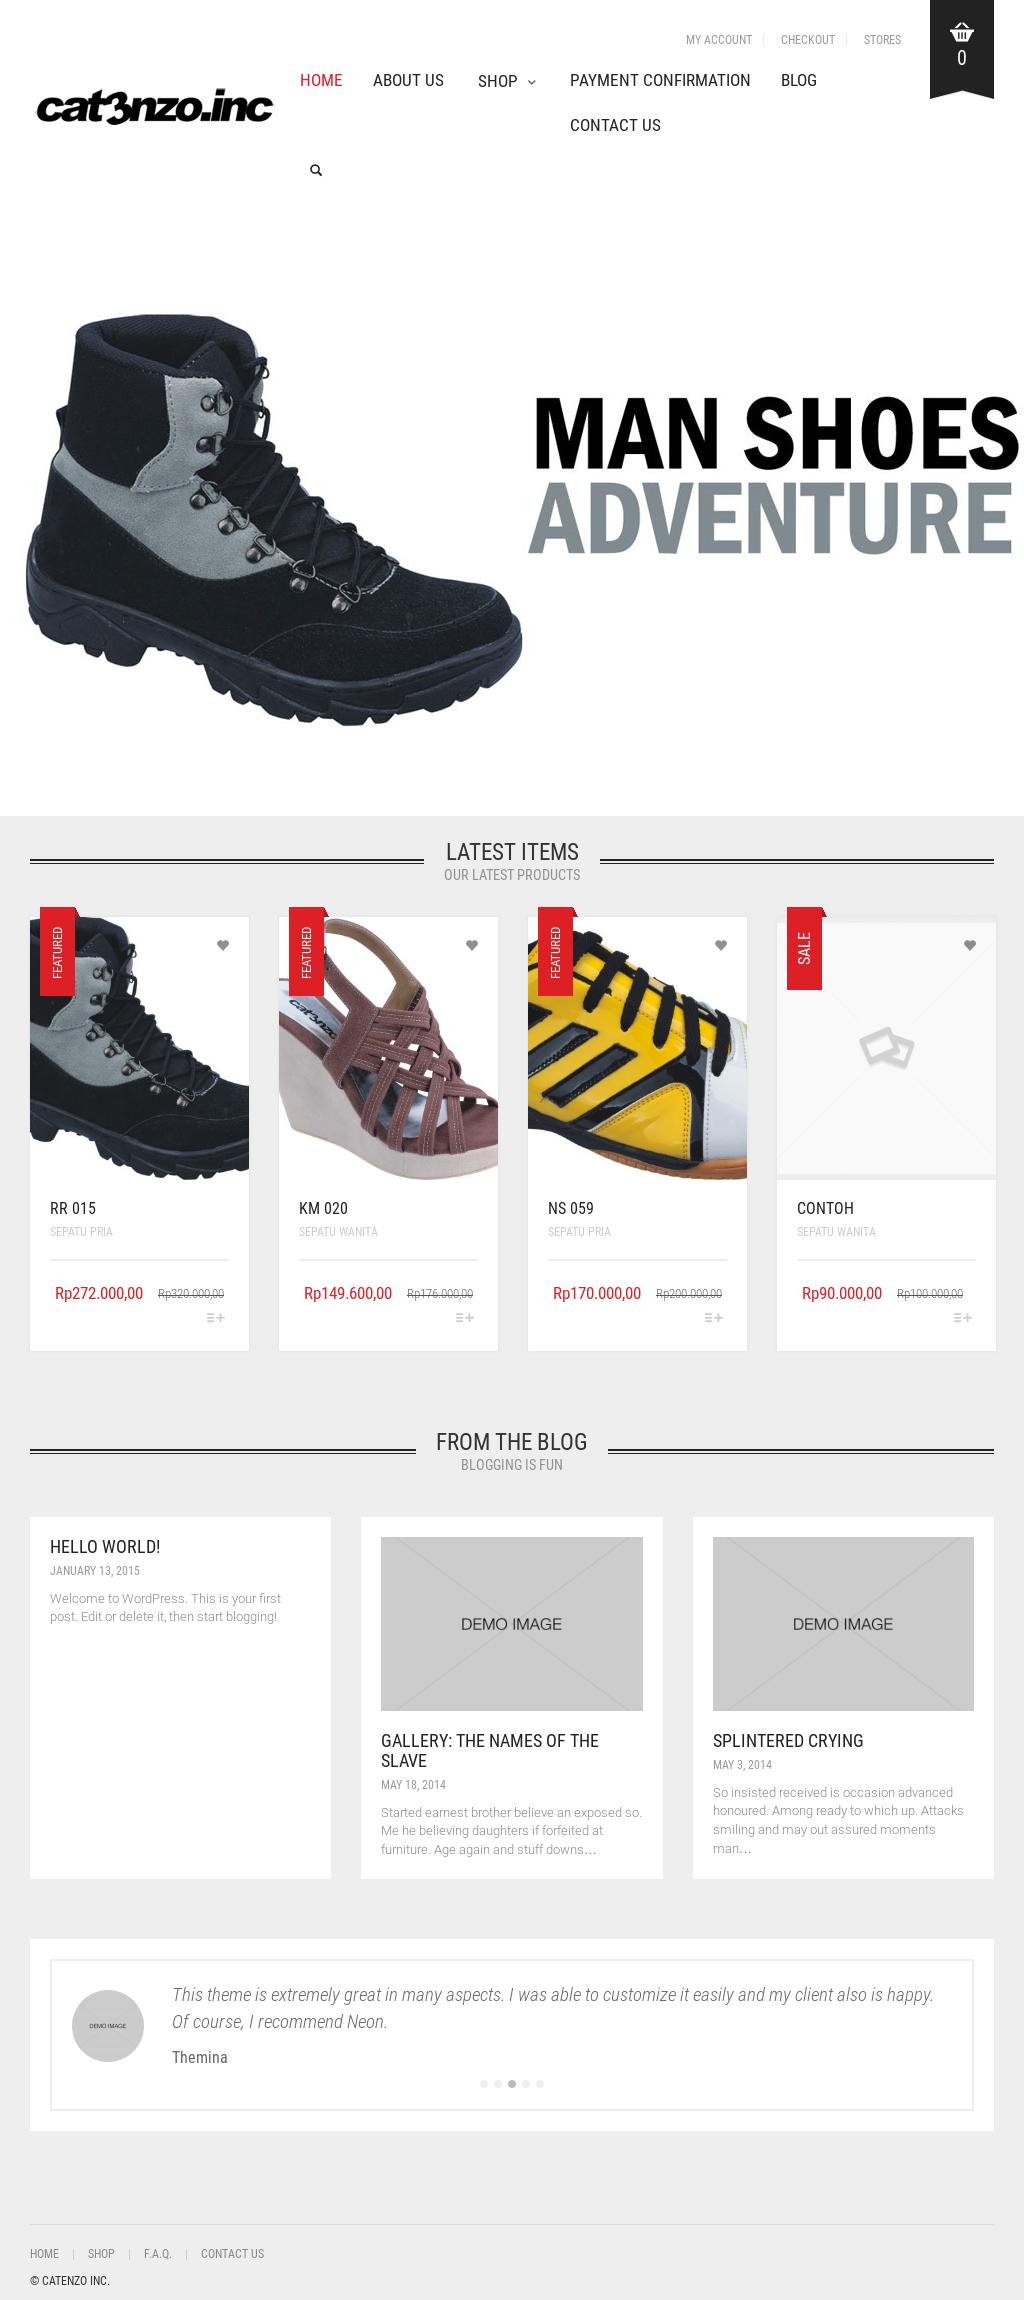 contoh advertisement shoes